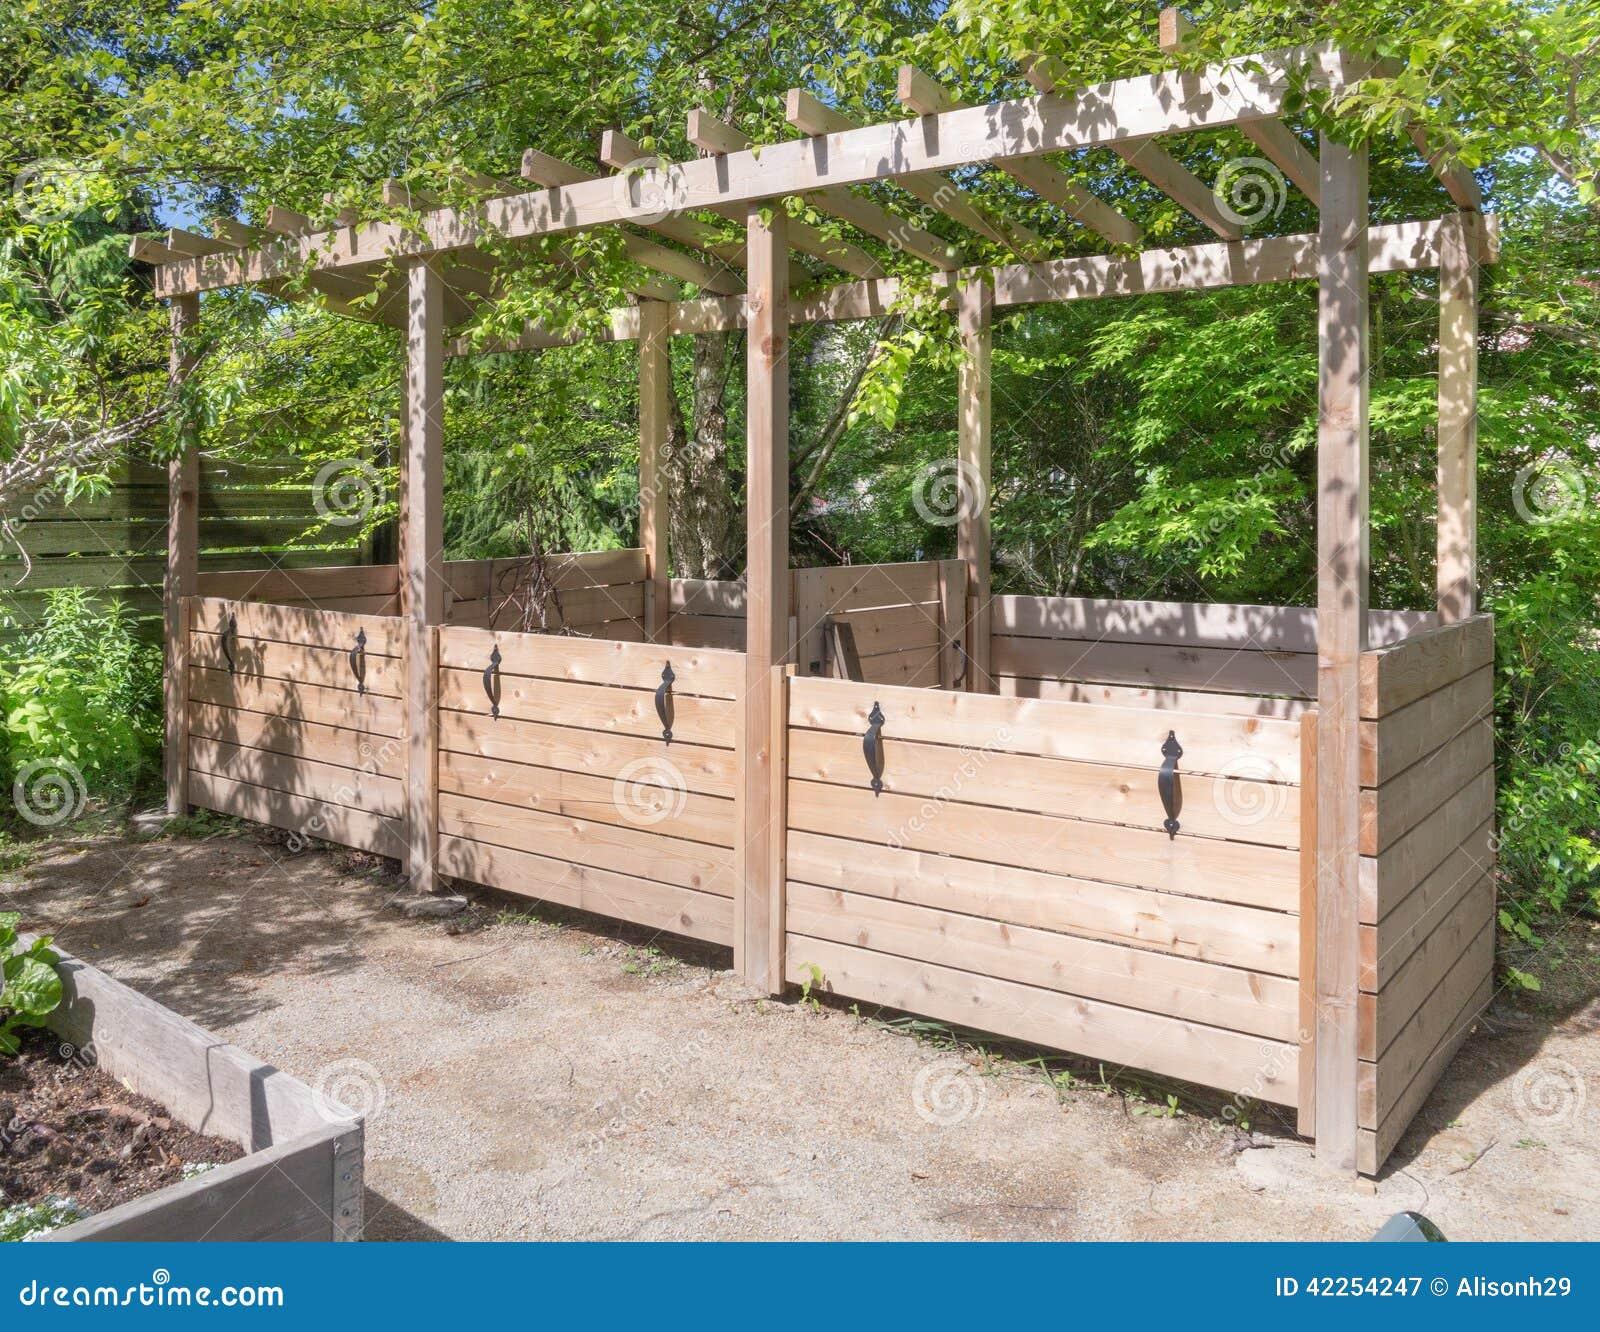 Kompostbehalter stockfoto bild 42254247 for Kompostbeh lter küche